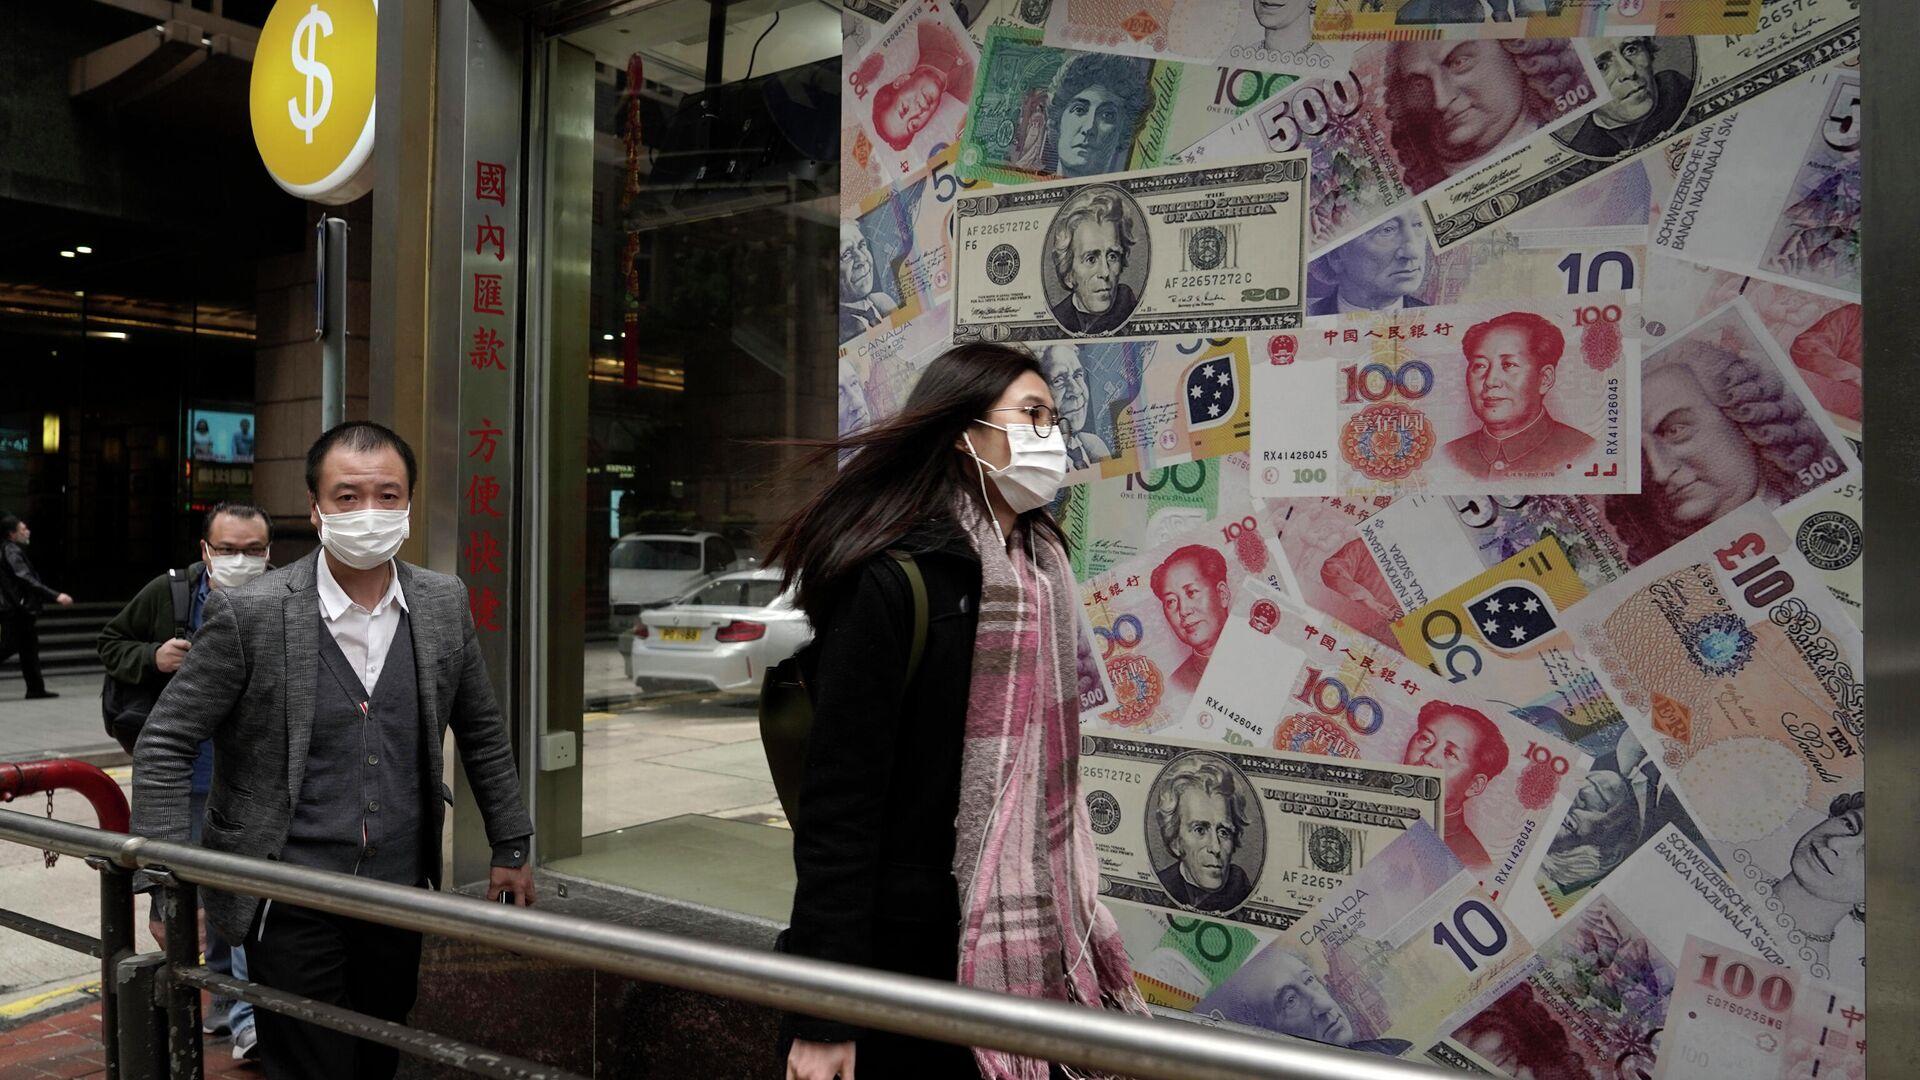 Люди на фоне обменного пункта в одном из районов Гонконга в Китае - РИА Новости, 1920, 14.01.2021